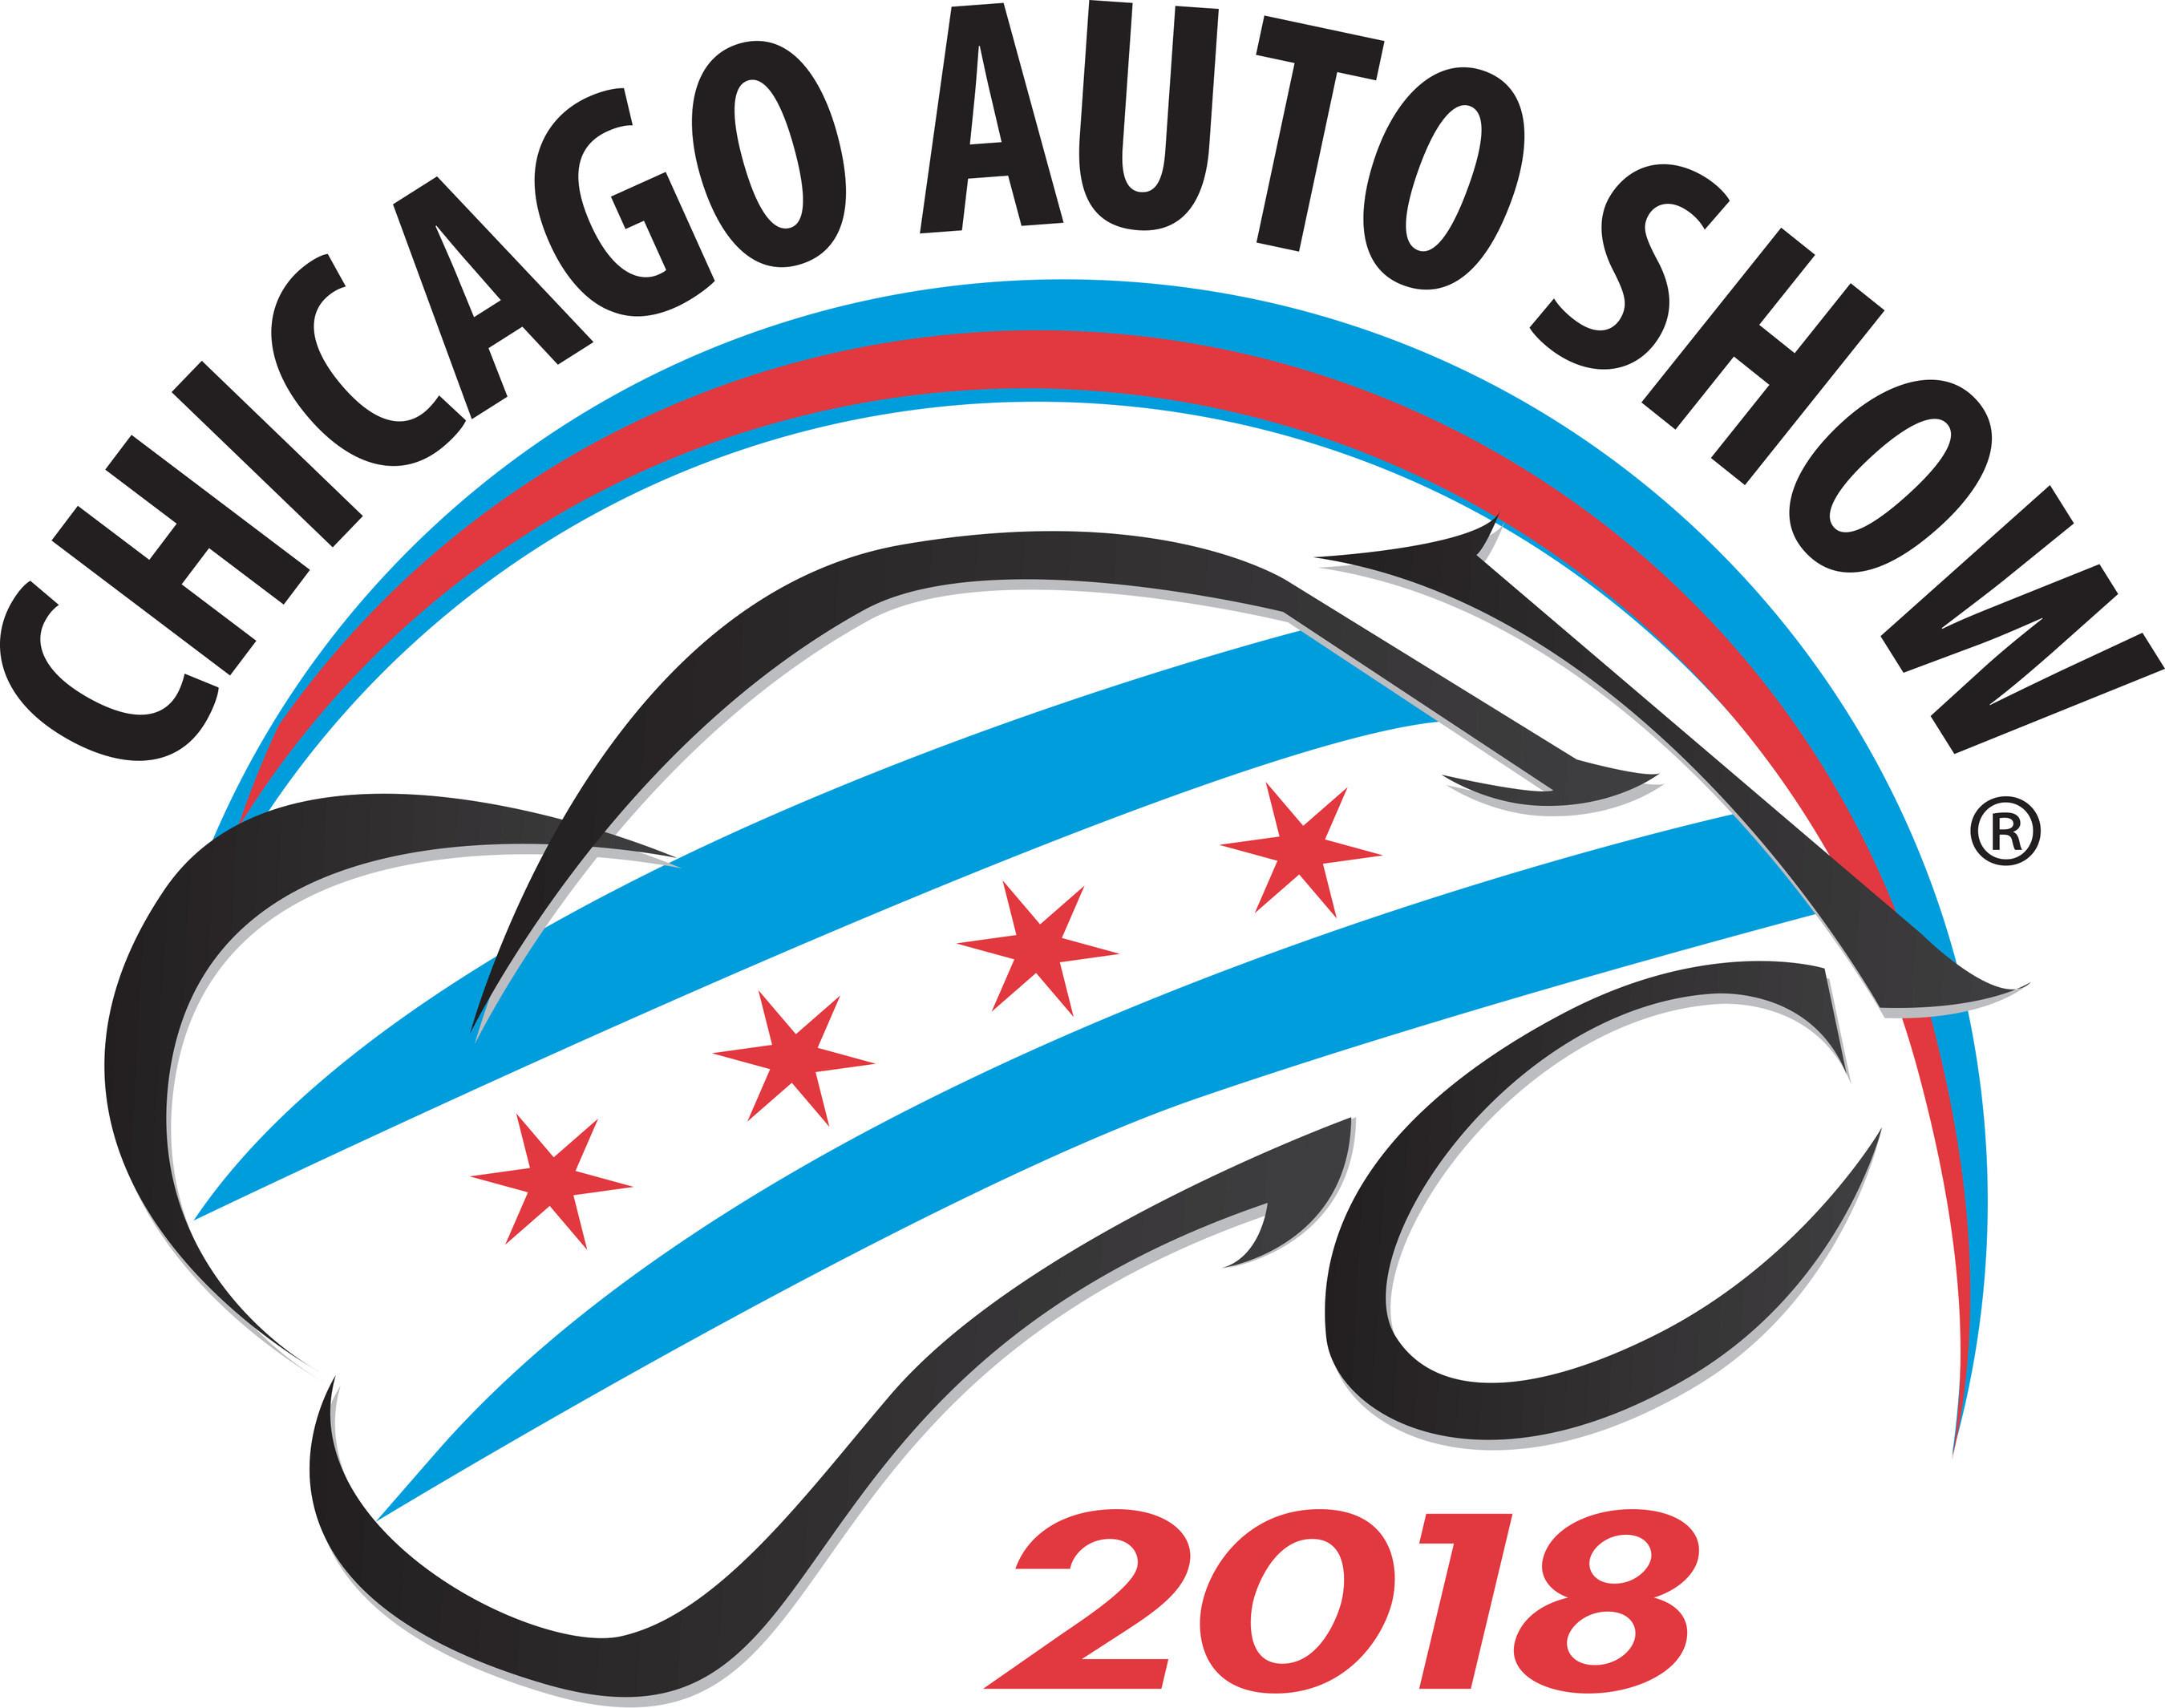 2018 Chicago Auto Show (PRNewsfoto/Chicago Auto Show)